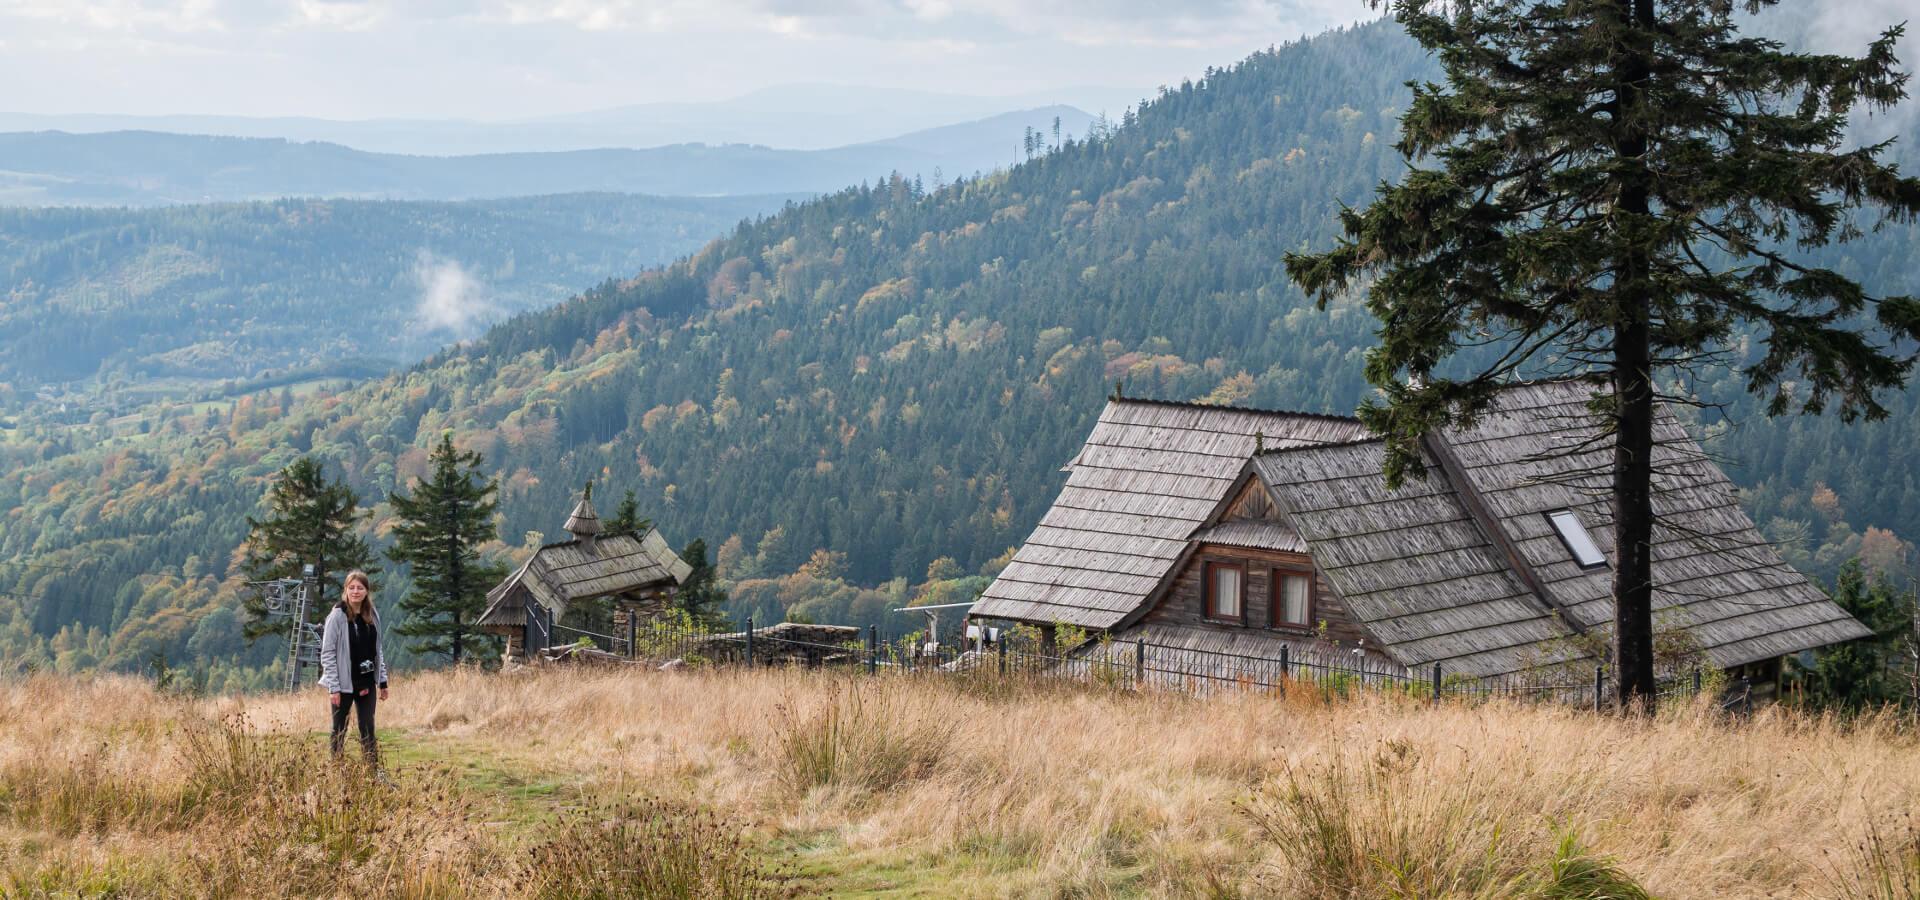 Dolny Śląsk - gdzie jechać w góry? 9 propozycji dla miłośników gór